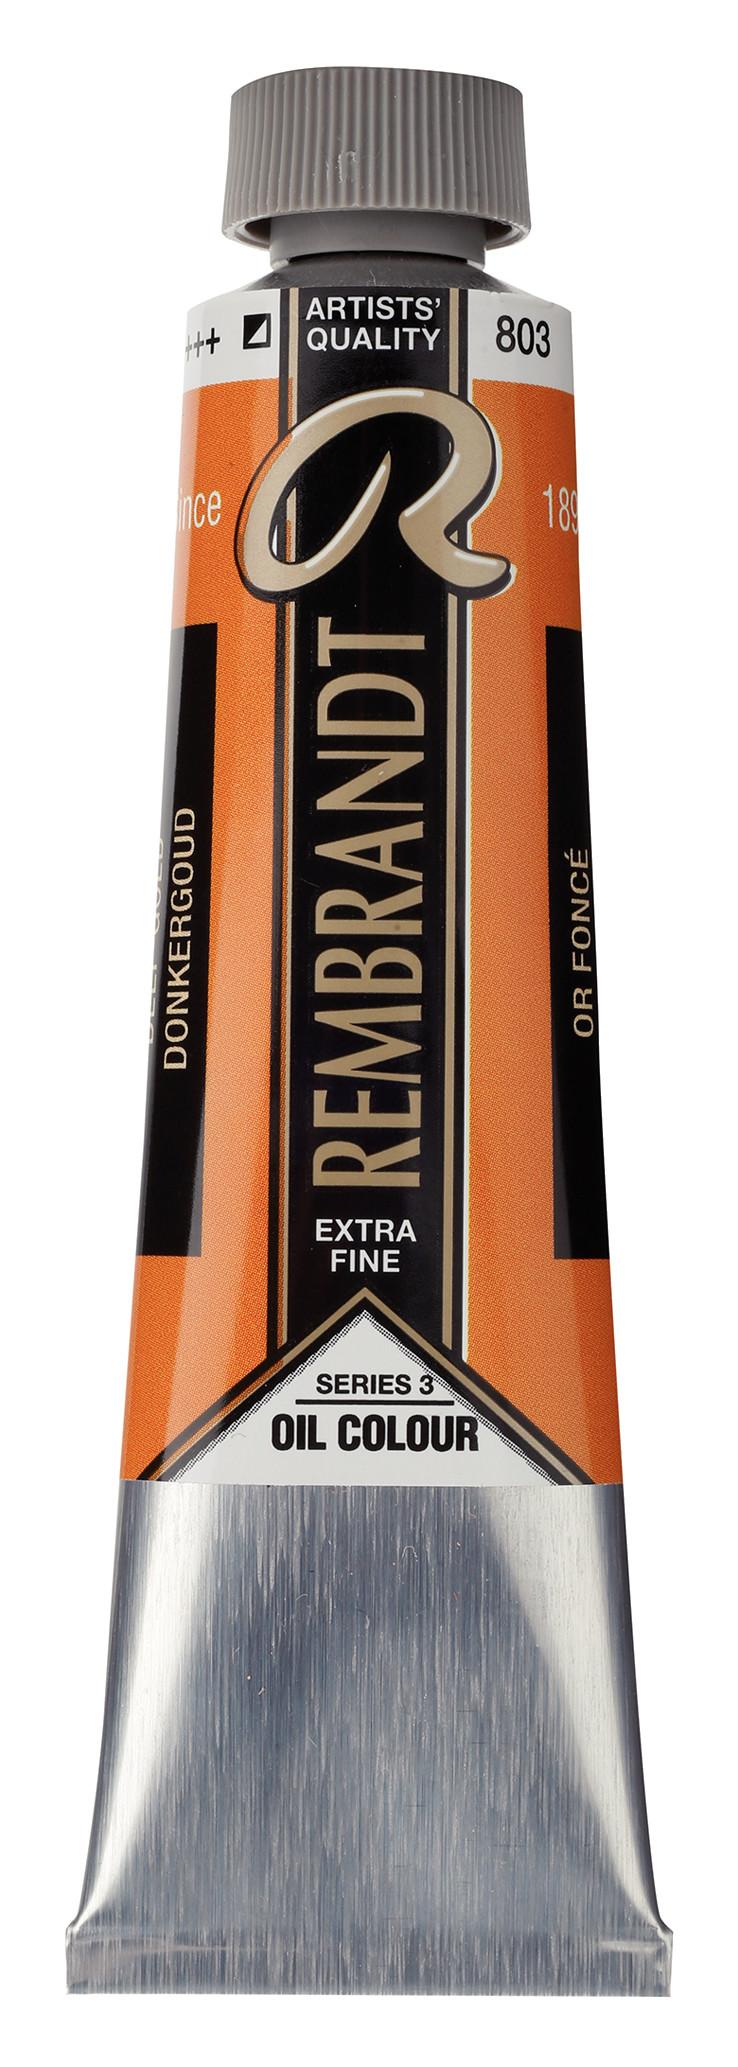 Rembrandt Oil colour Paint Deep Gold (803) 40ml Tube